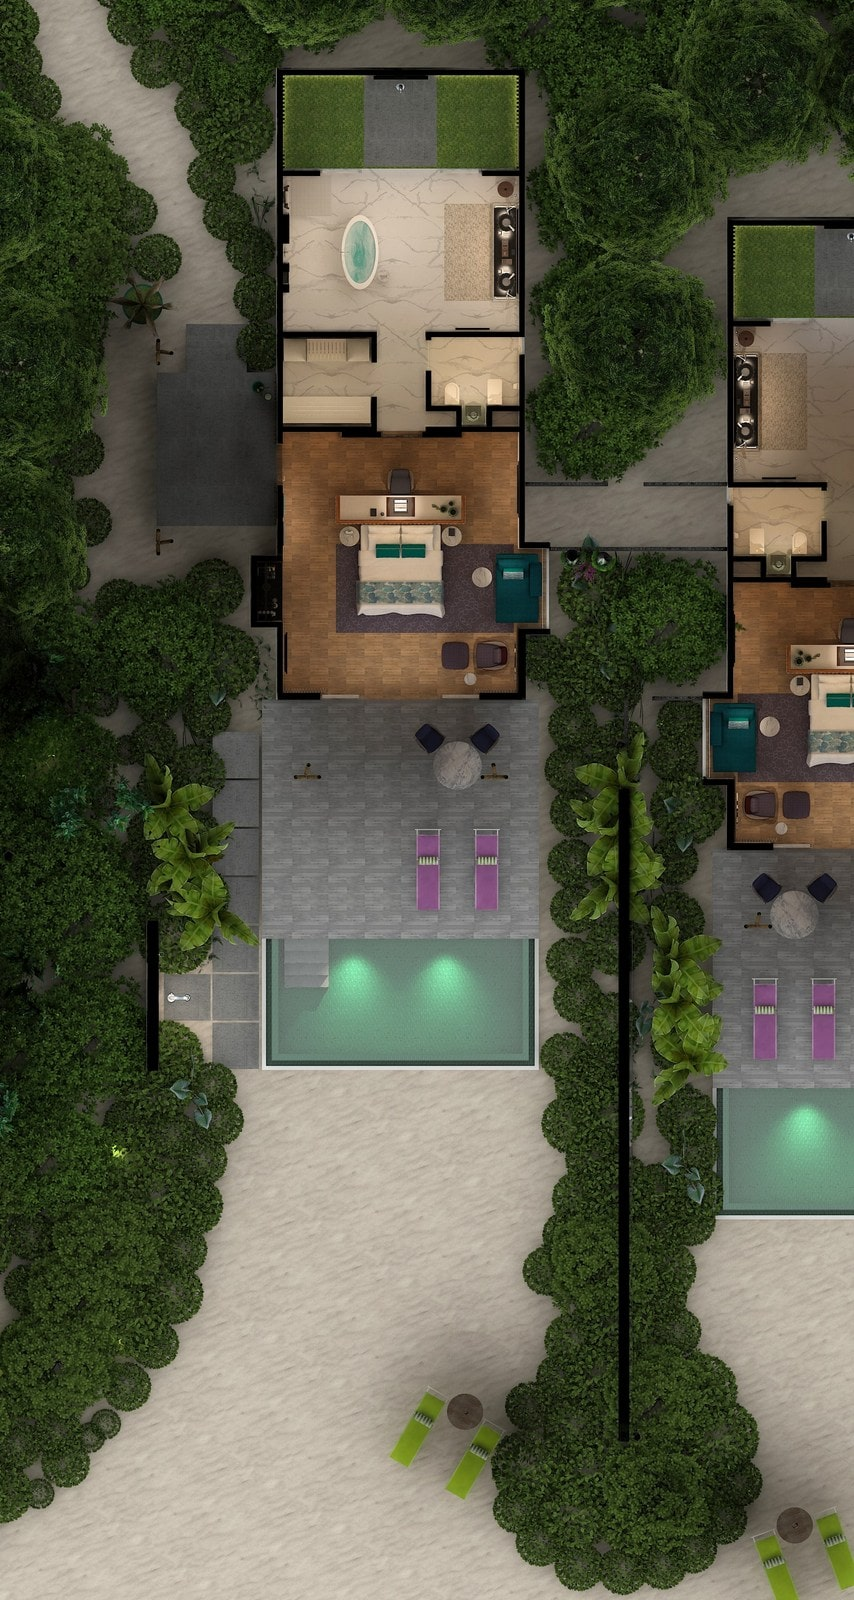 Мальдивы, отель Emerald Maldives Resort & Spa, план-схема номера Beach Villa with Pool